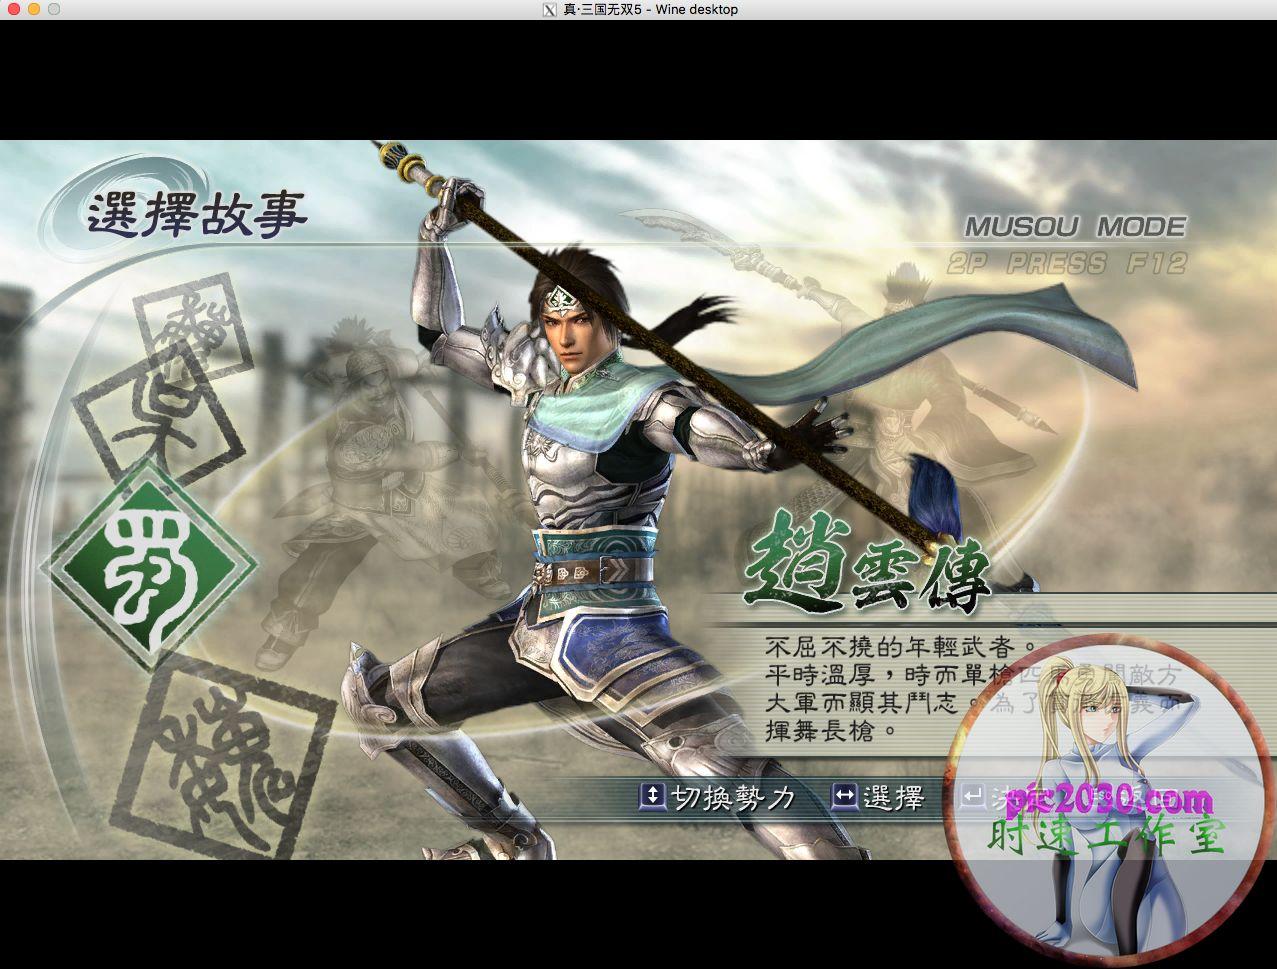 真·三国无双5 MAC 苹果电脑游戏 繁体中文版 支援10.15 11